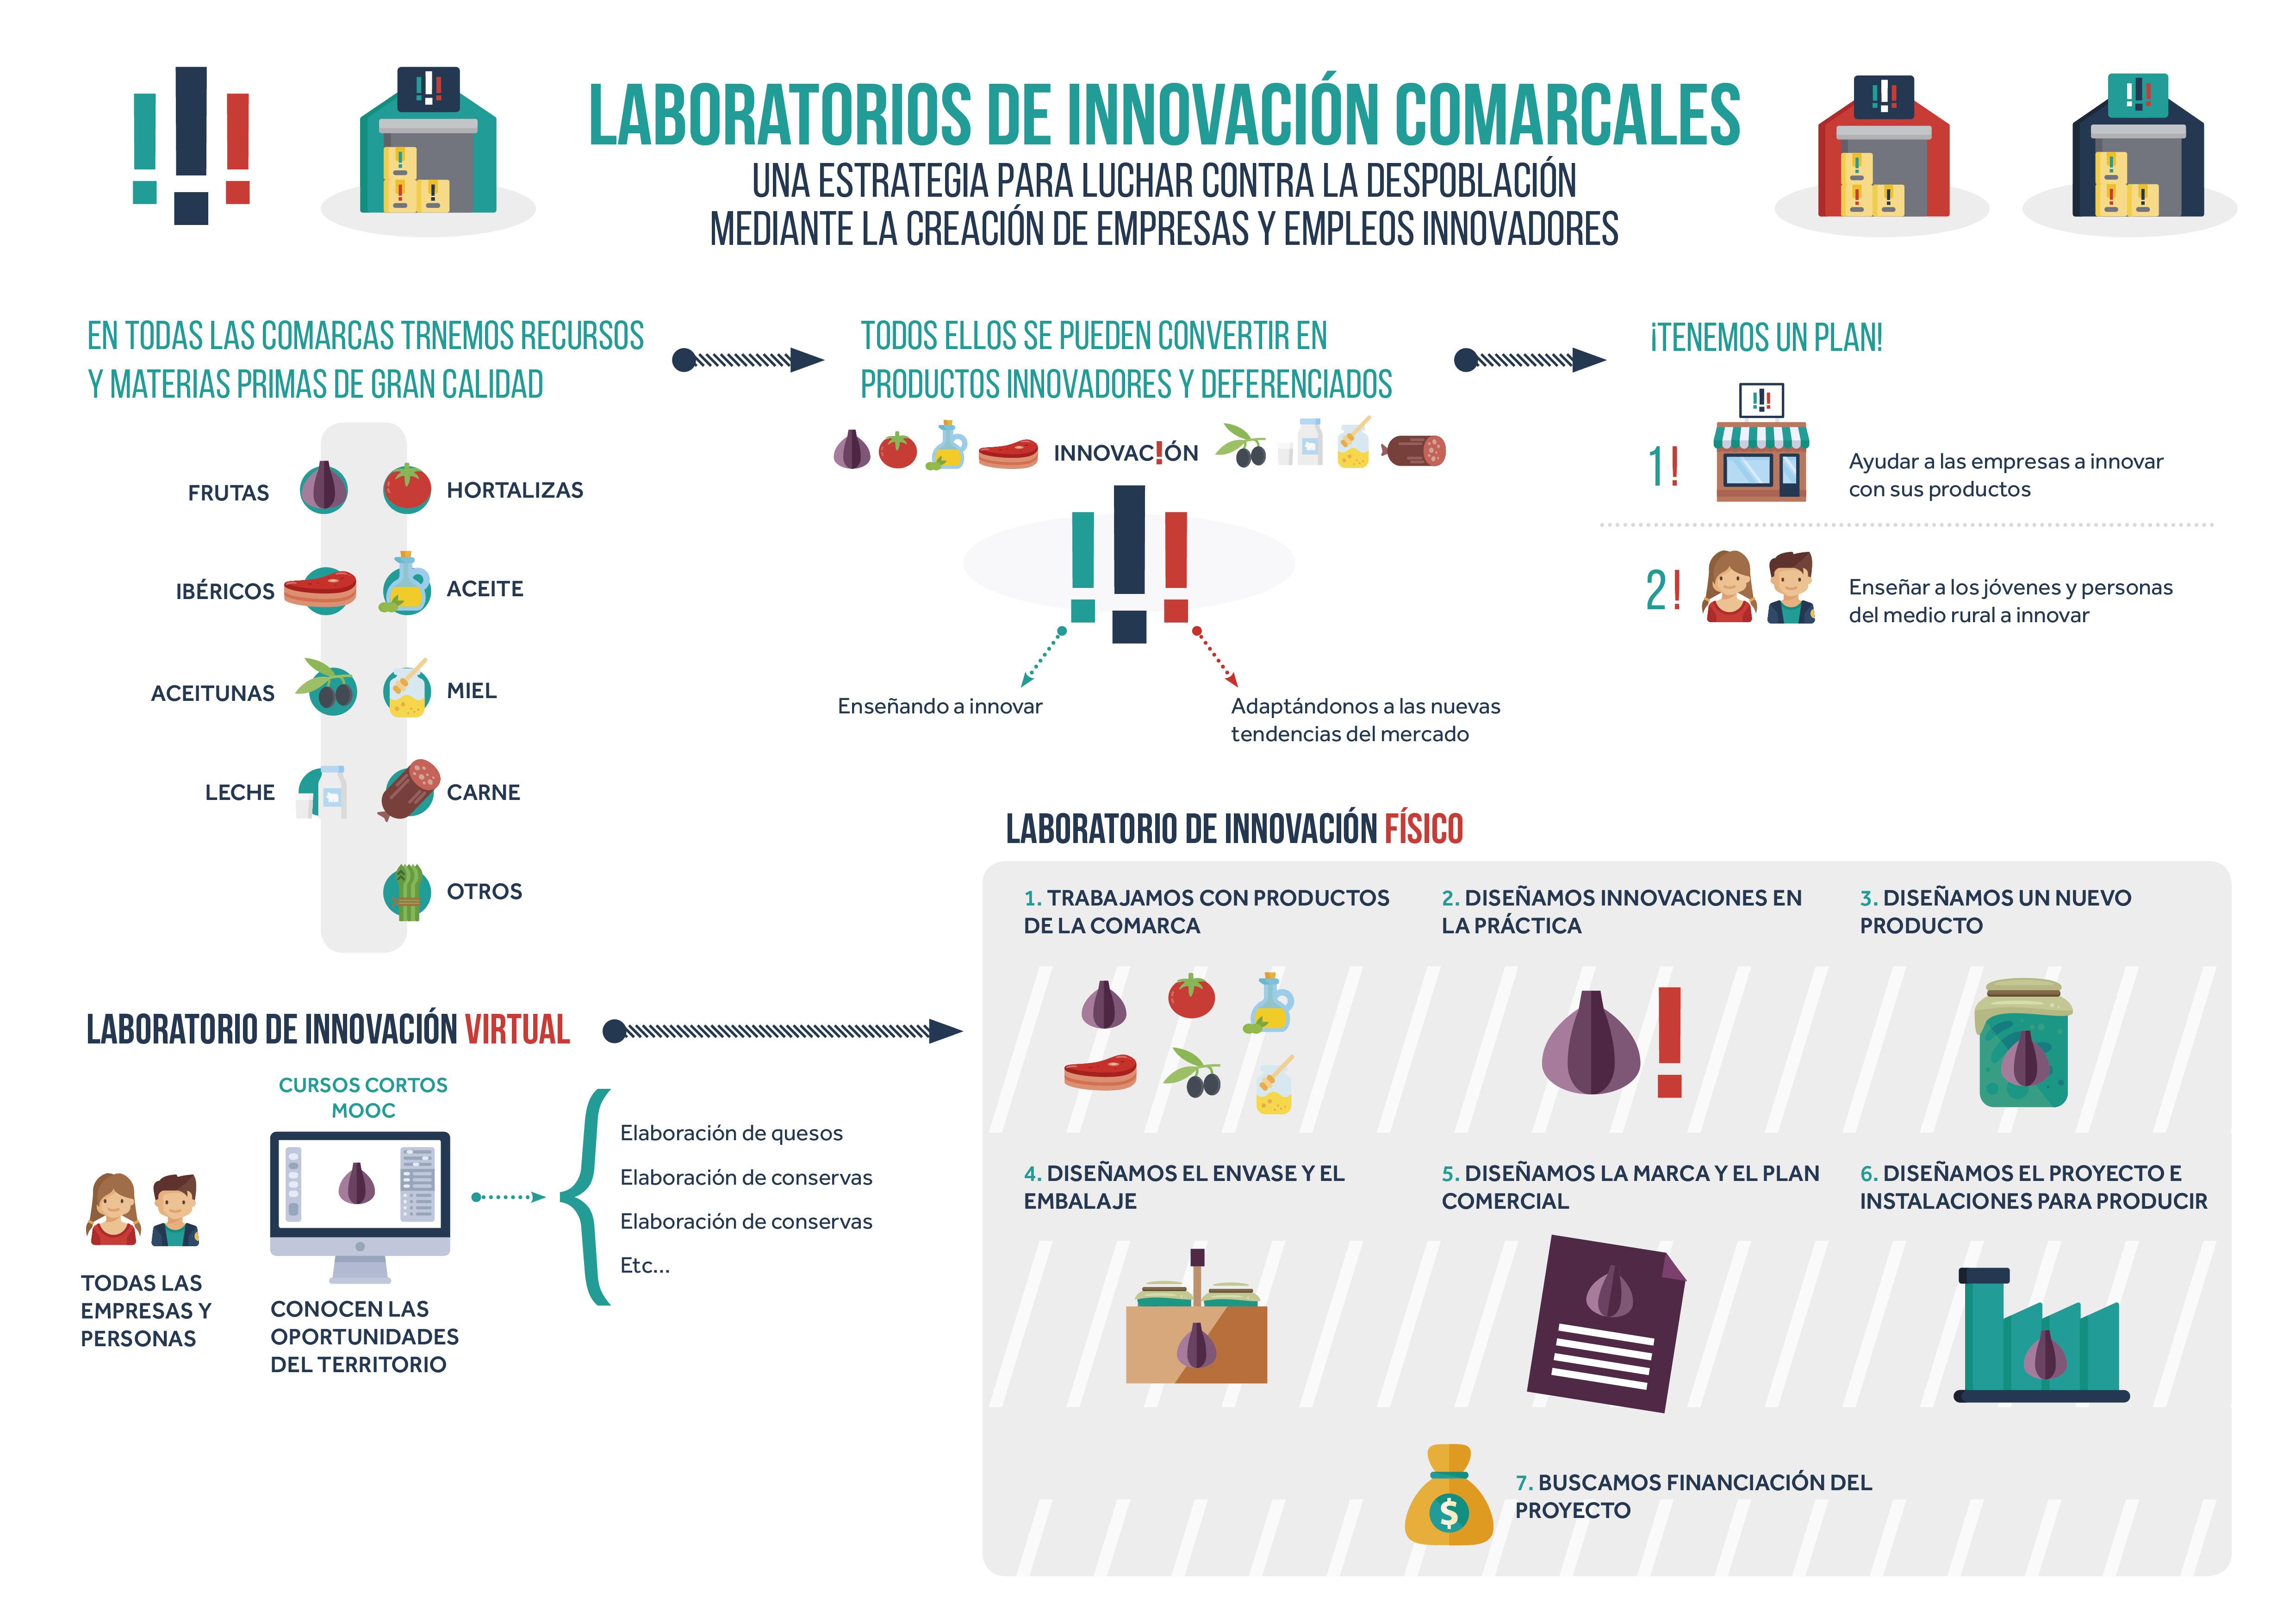 lab-innovacion-comarcales